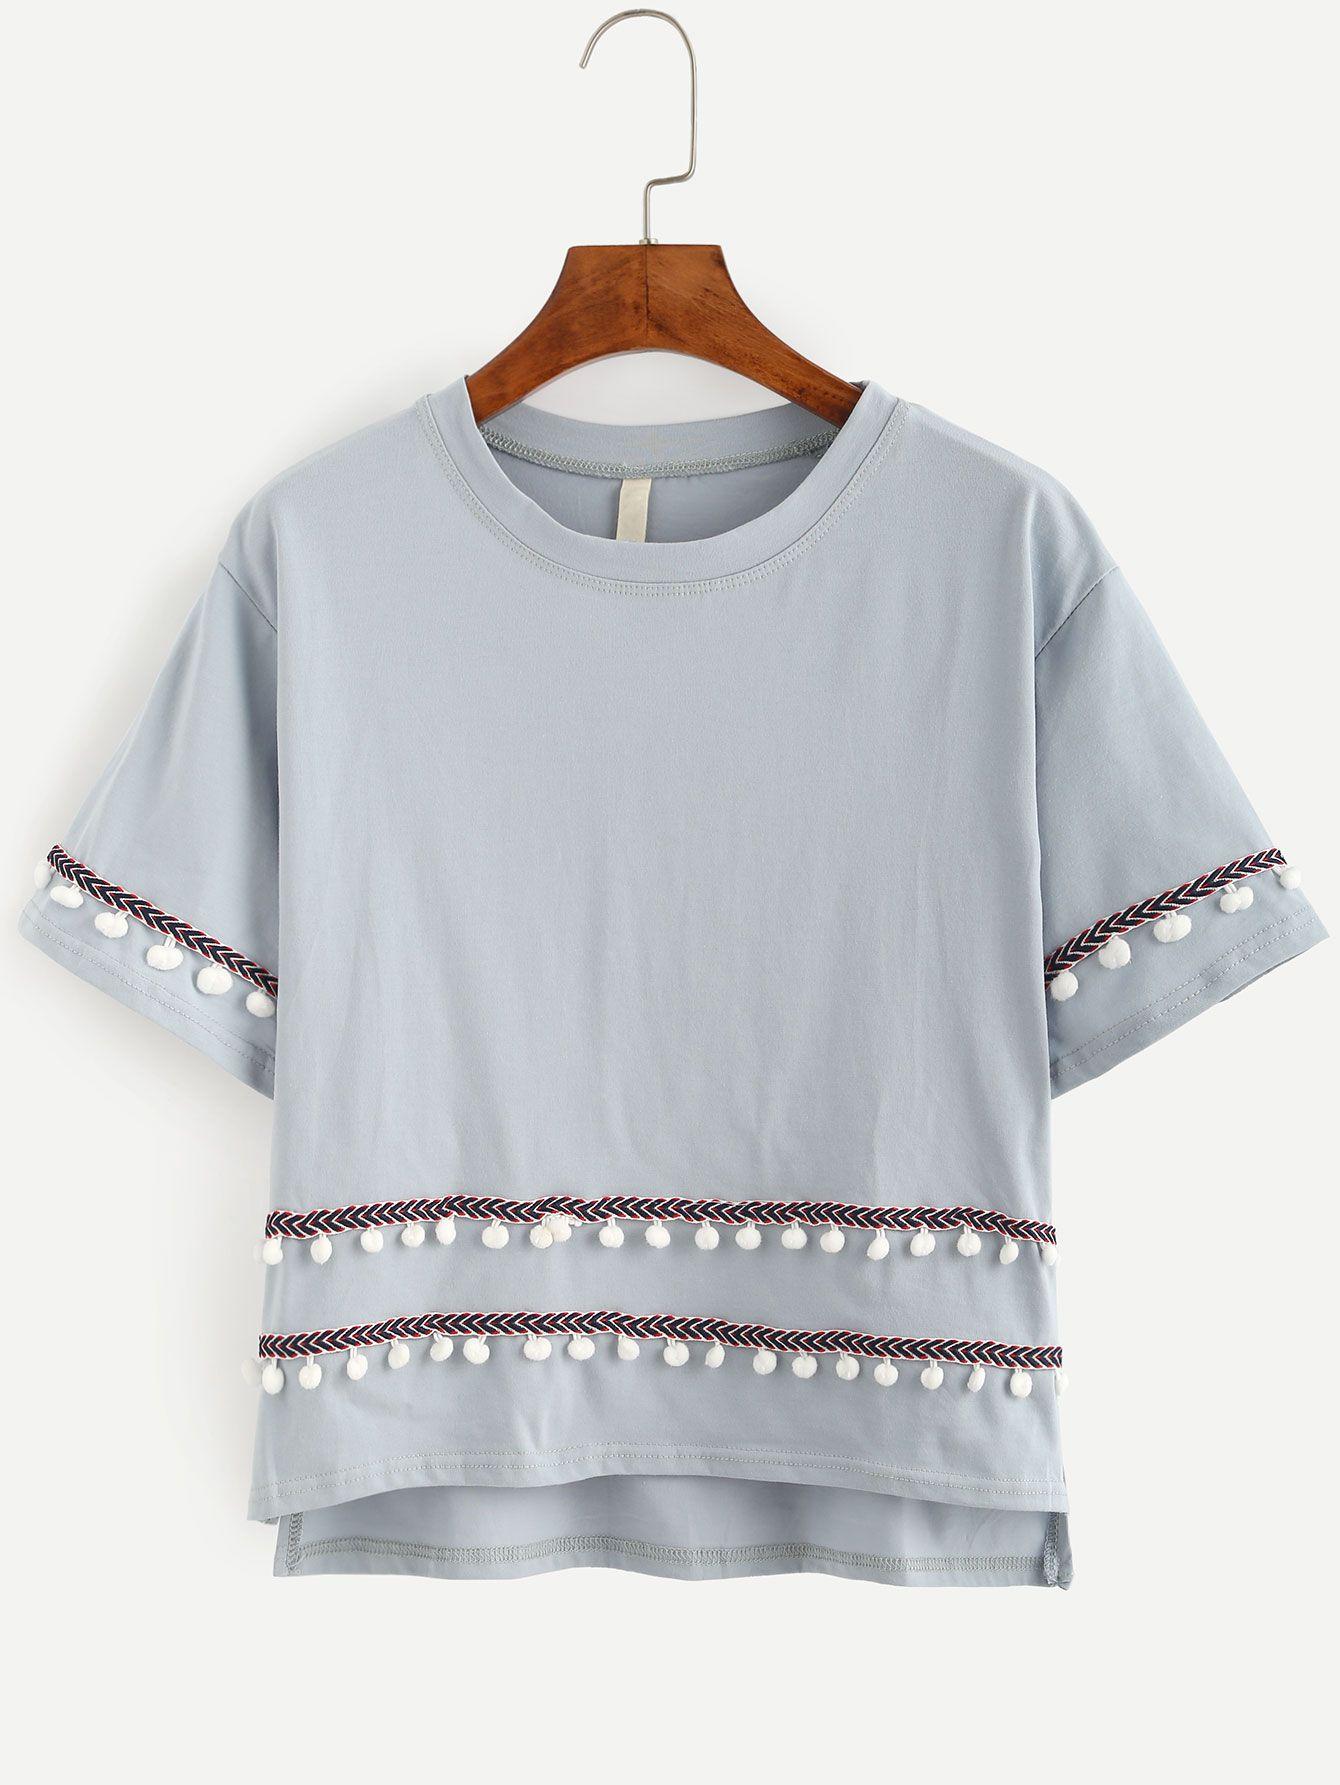 27134336a437e0 Shop Grey Embroidered Tape Detail Pom Pom T-shirt online. SheIn offers Grey  Embroidered Tape Detail Pom Pom T-shirt   more to fit your fashionable  needs.